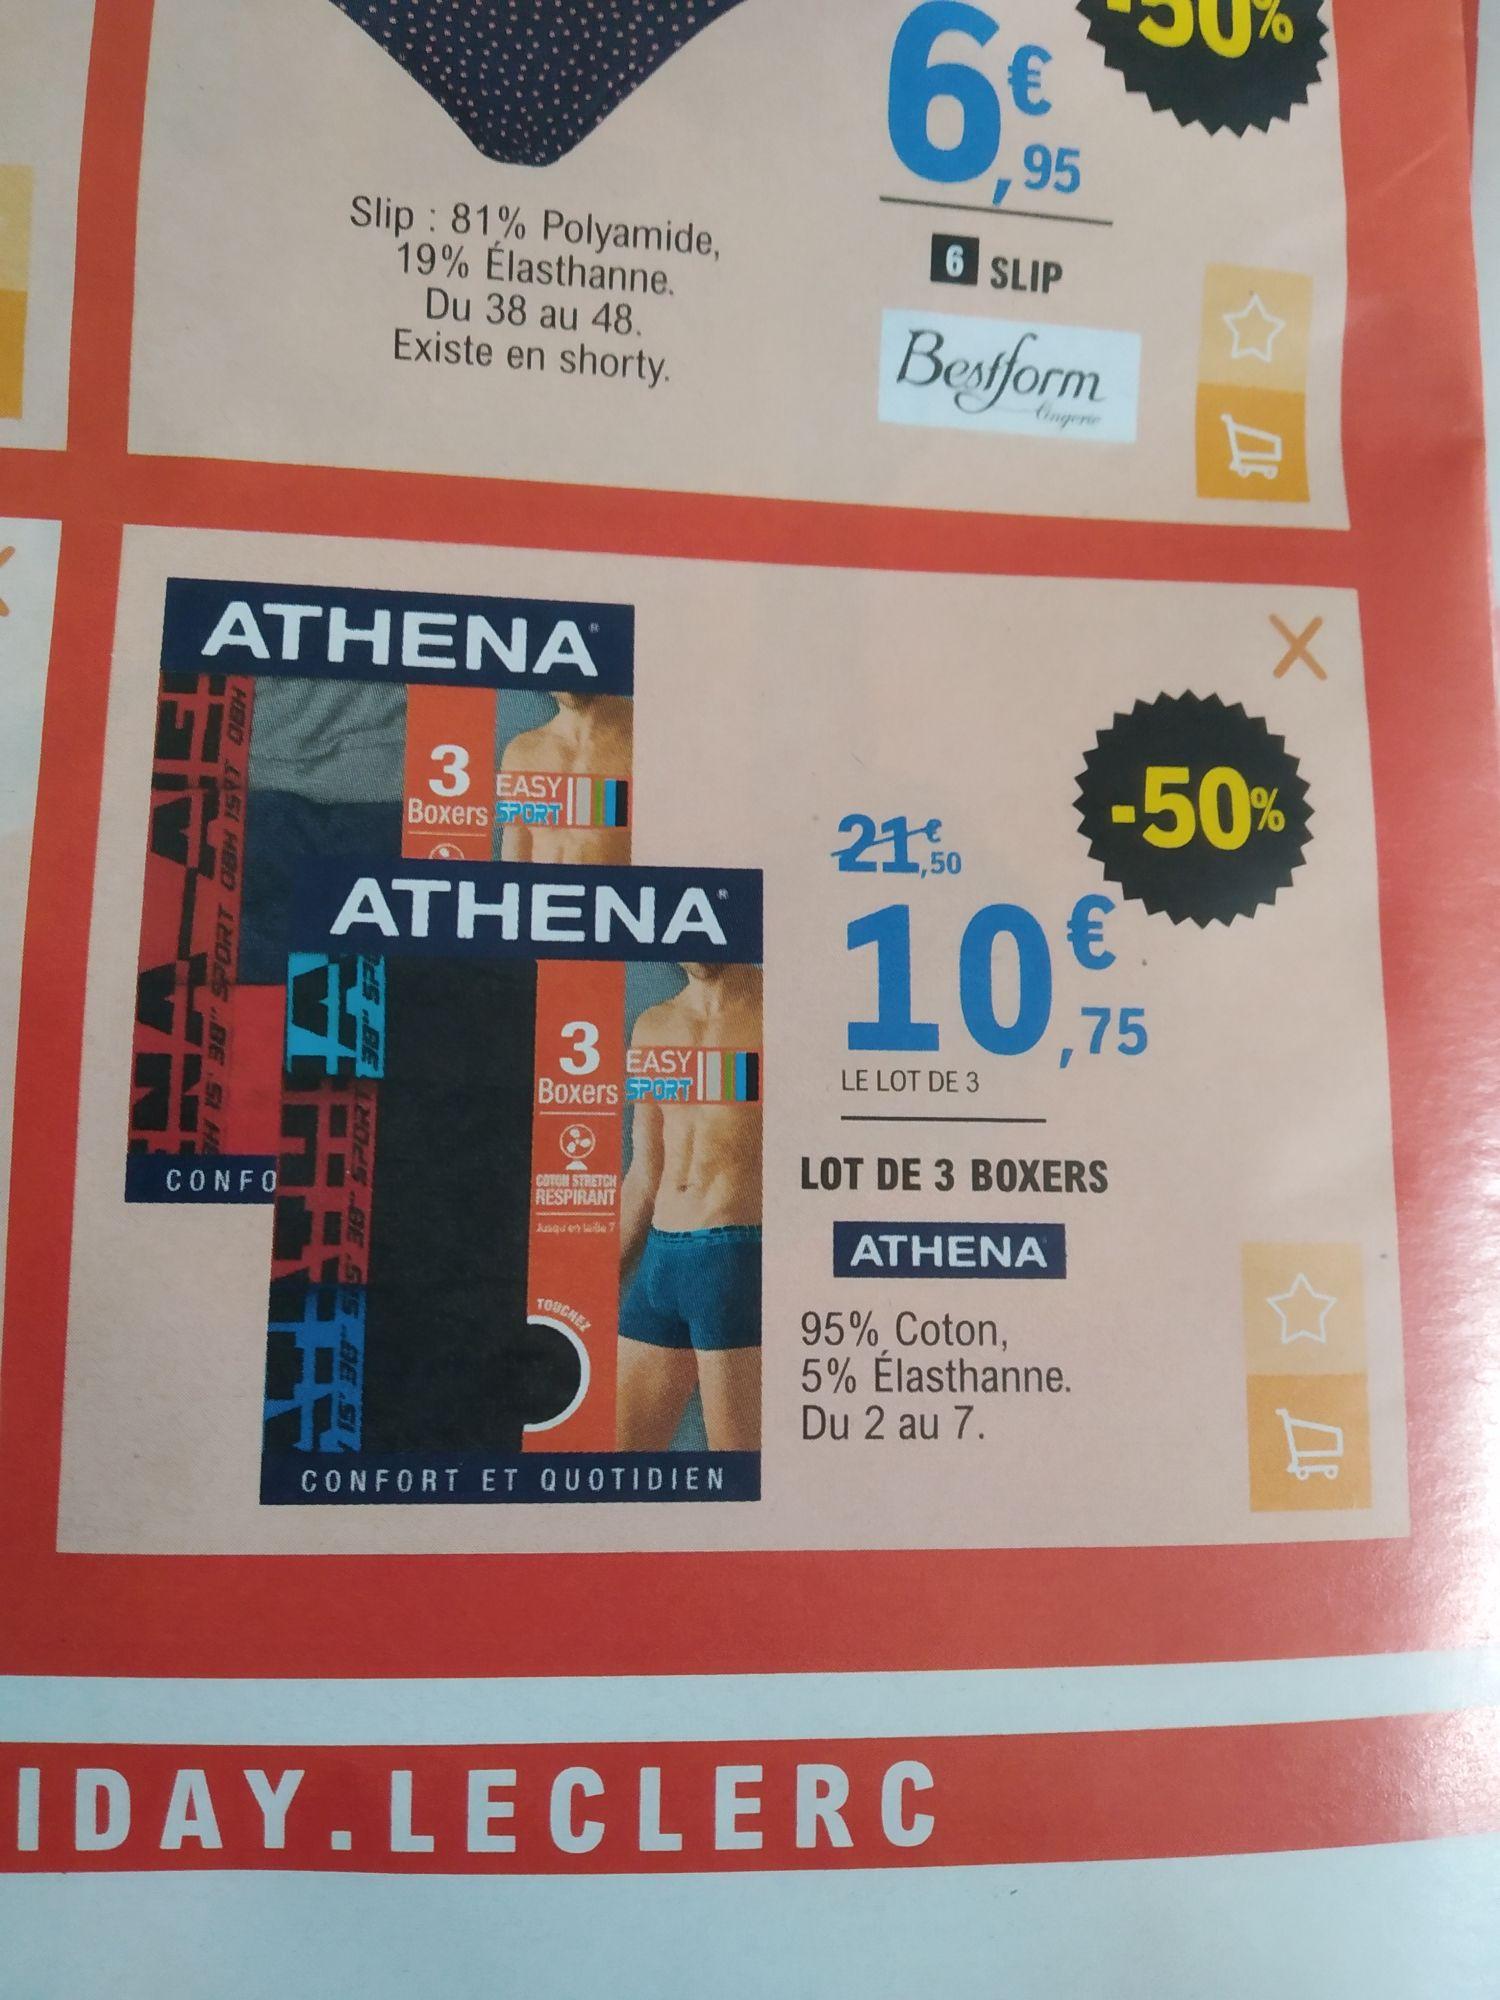 Lot de 3 boxers Athena - du 2 au 7